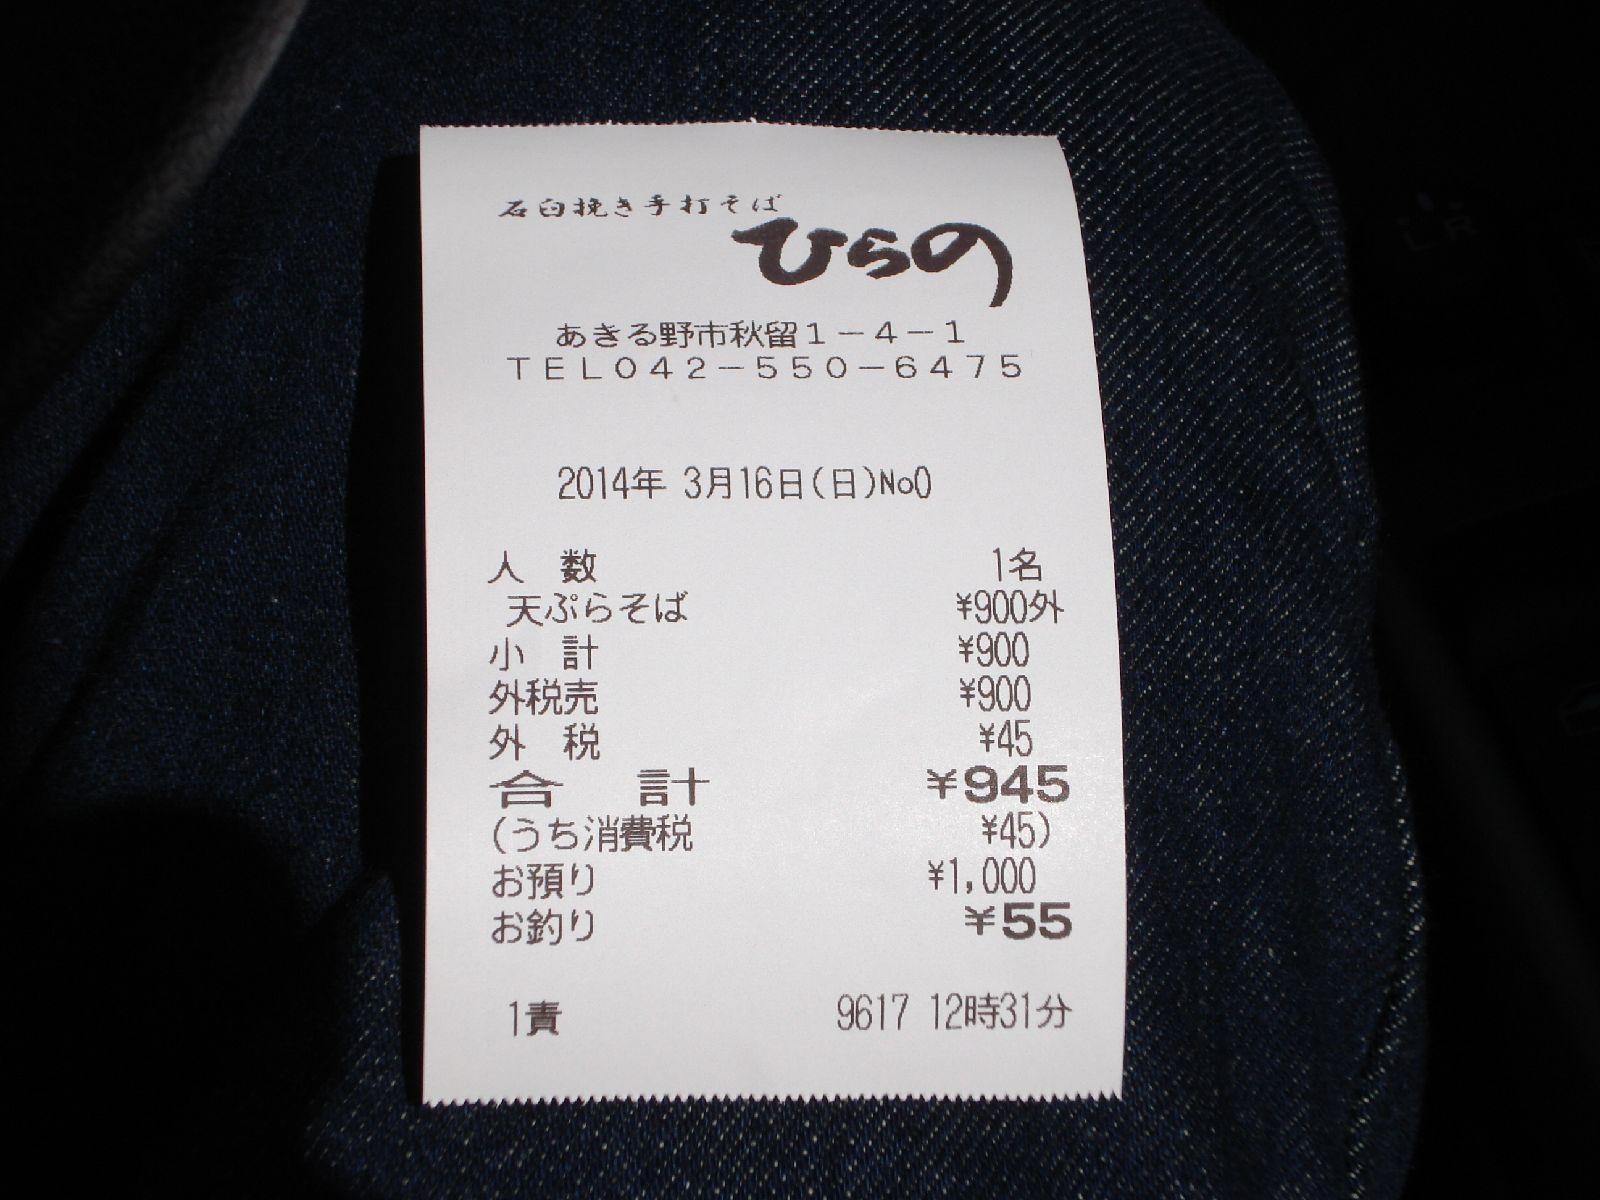 Dsc04852